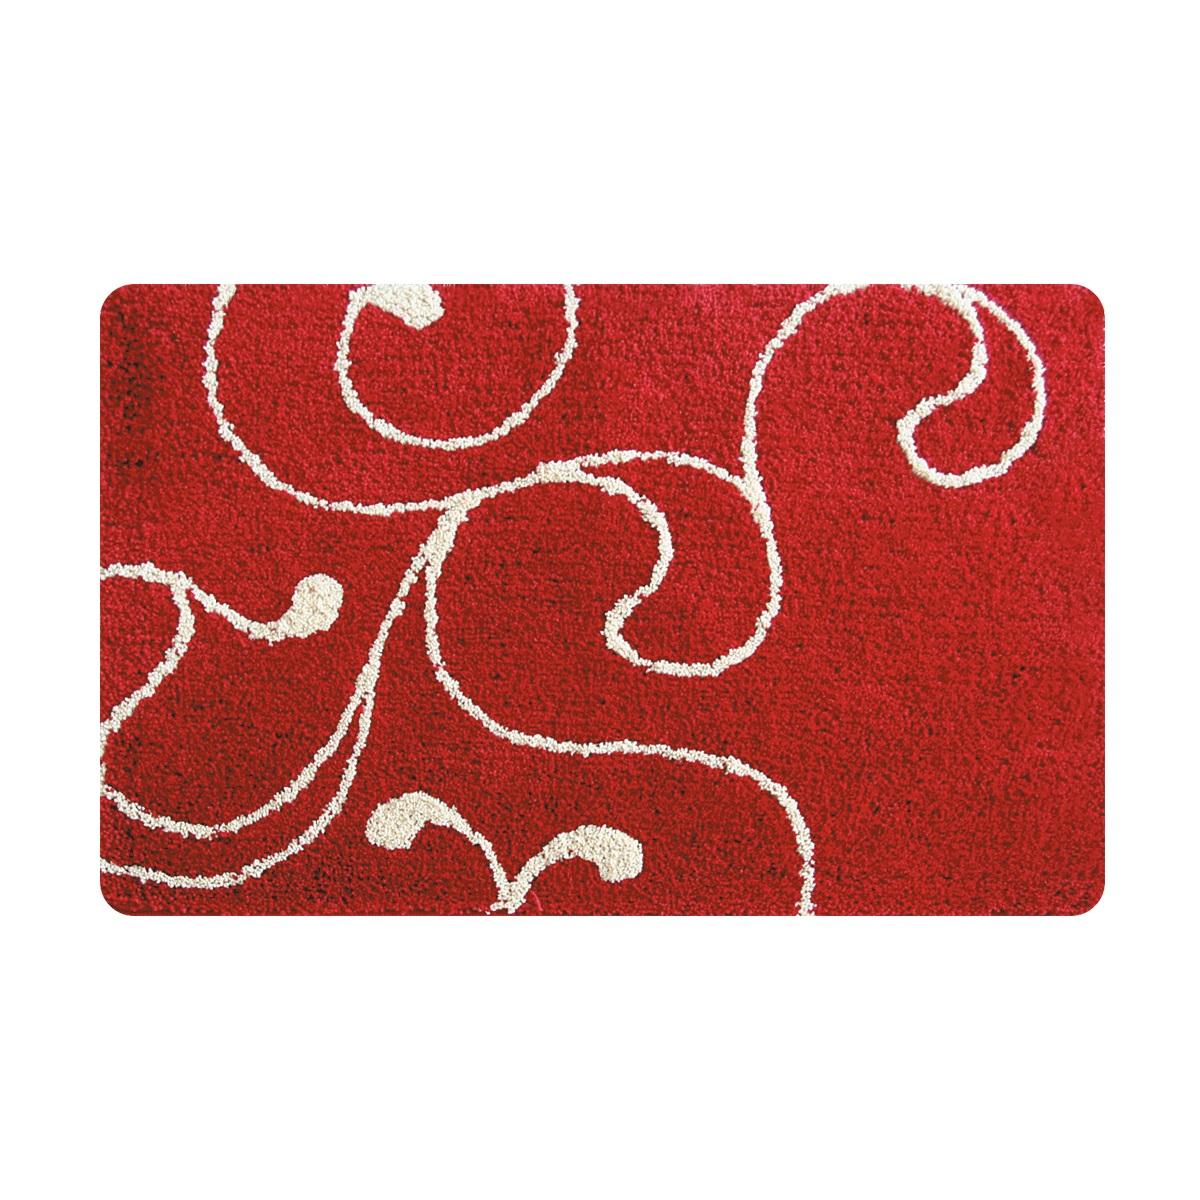 Коврик для ванной Iddis Flower Lace Red, цвет: красный, 60 х 90 см411M690I12Коврик для ванной комнаты Iddis выполнен из 100% полиэстера. Коврик имеет специальную латексную основу, благодаря которой он не скользит на напольных покрытия в ванной, что обеспечивает безопасность во время использования. Коврик изготавливается по специальным технологиям машинного ручного тафтинга, что гарантирует высокое качество и долговечность.Высота ворса: 2,5 см.